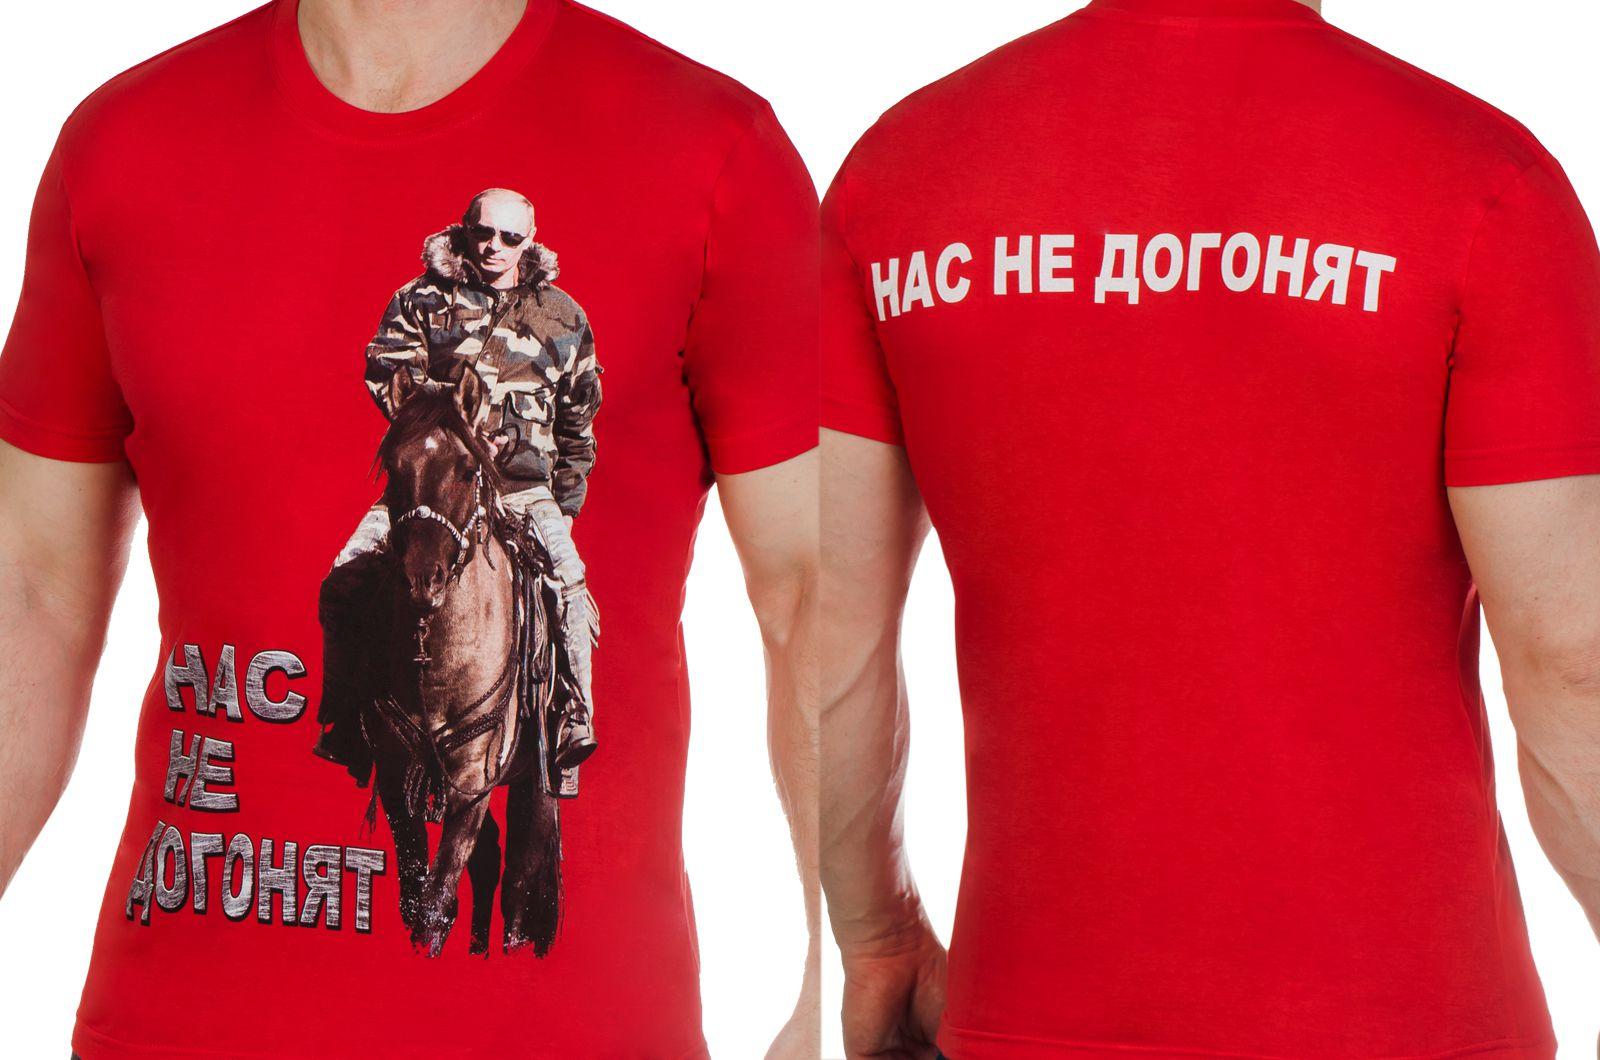 Заказать футболки с фотографией Путина